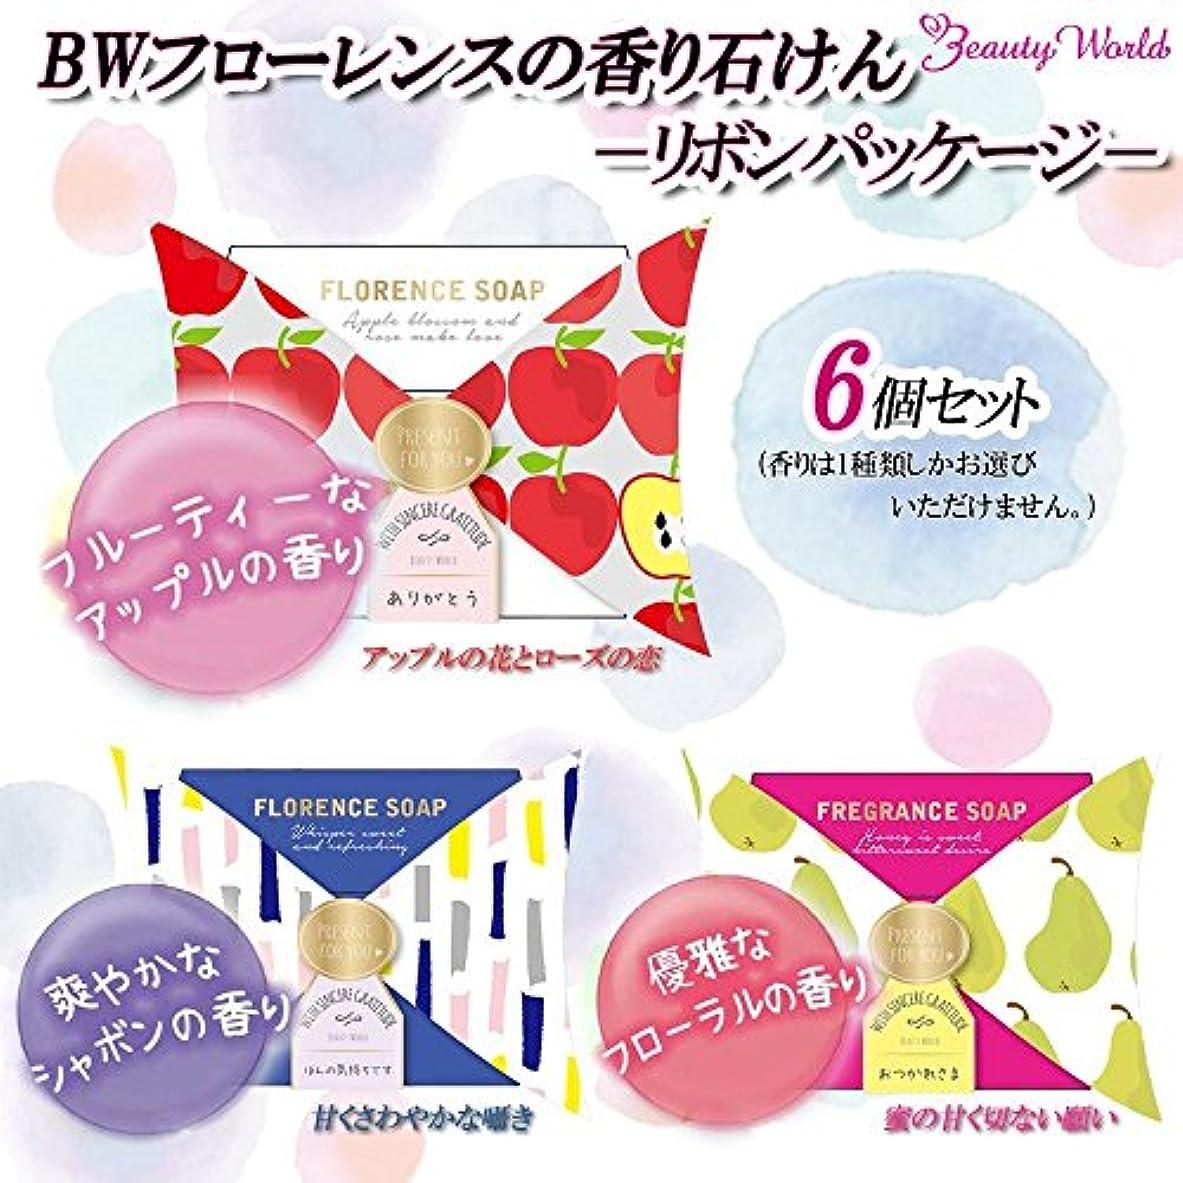 おびえた文芸北西ビューティーワールド BWフローレンスの香り石けん リボンパッケージ 6個セット ■3種類の内「FSP385?甘くさわやかな囁き」を1点のみです